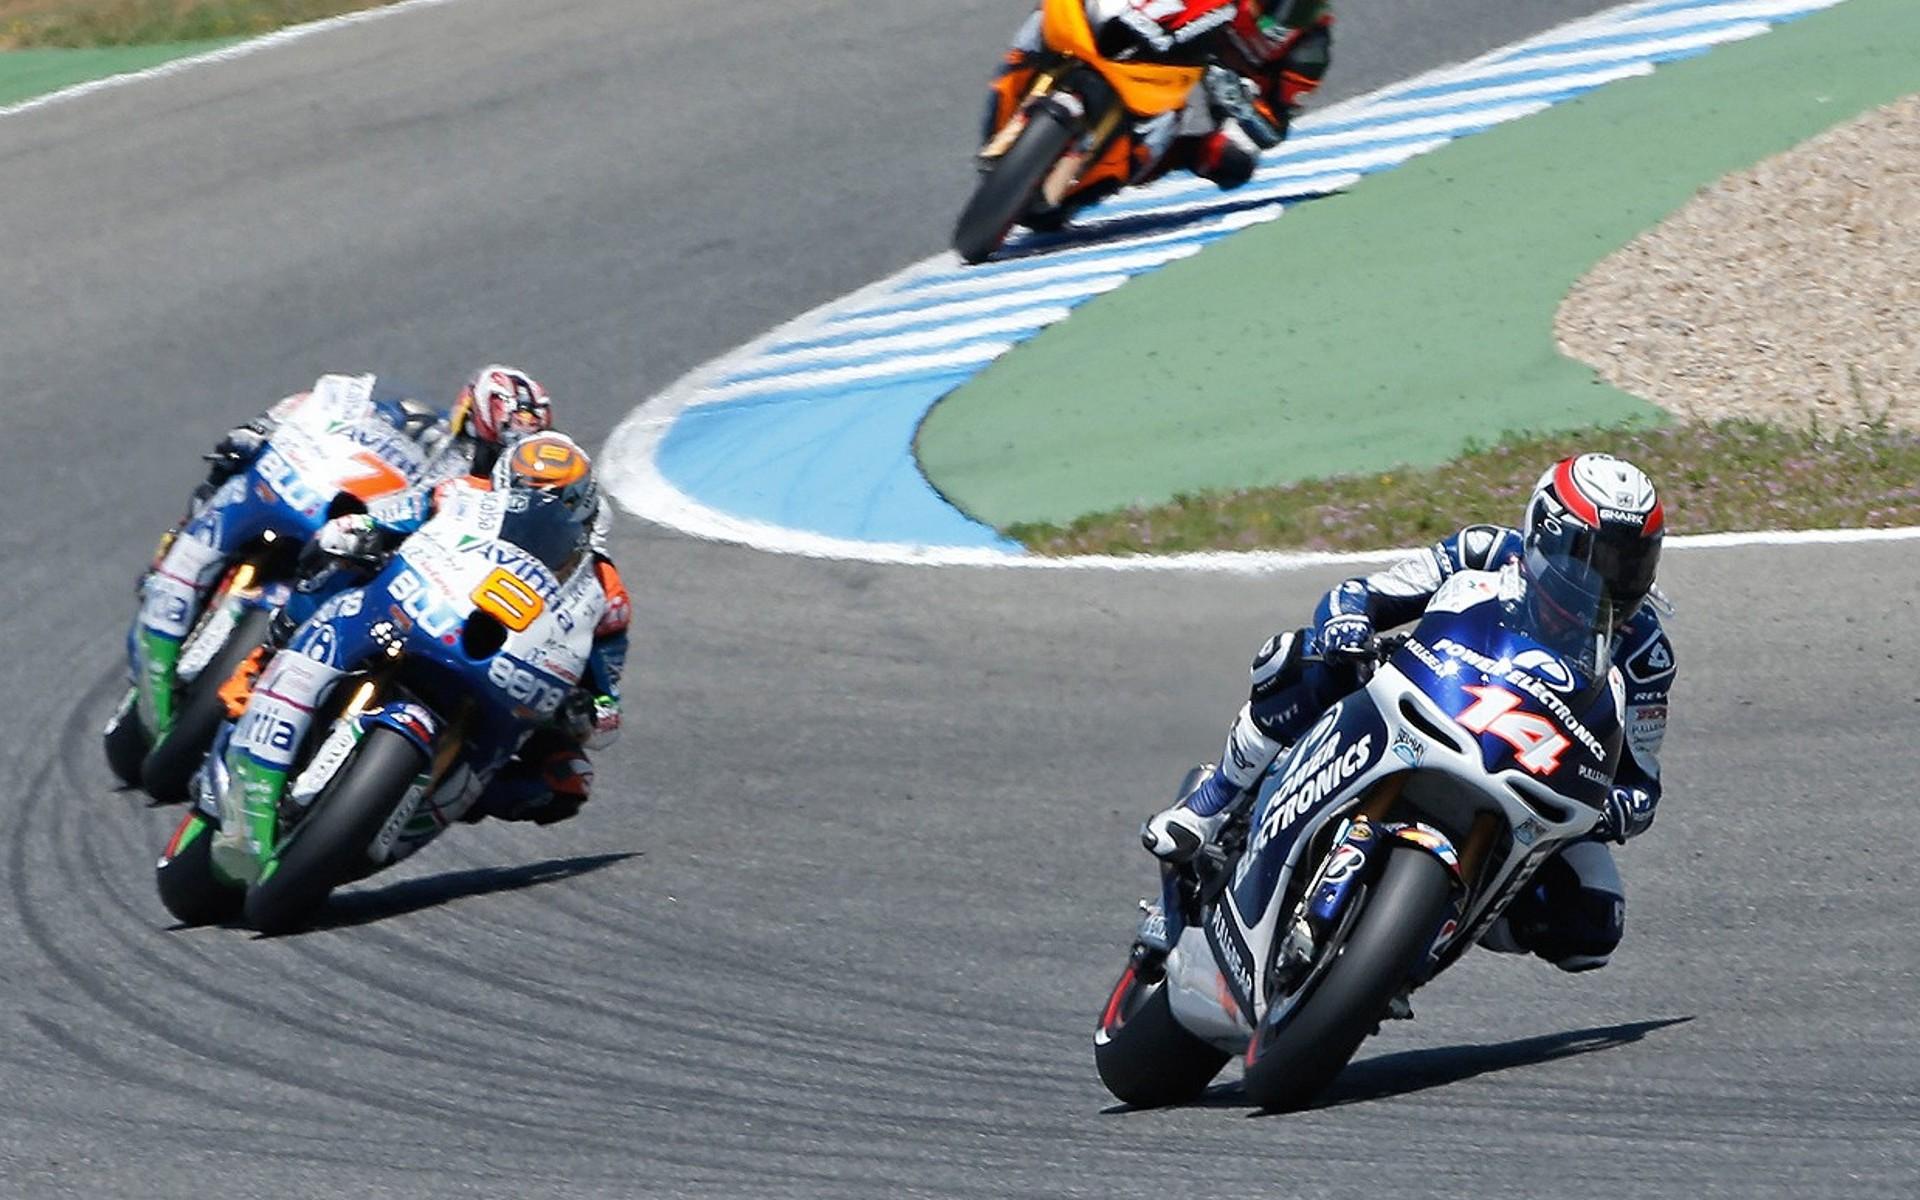 2013 MotoGP Gran Premio bwin de Espaa 1920x1200